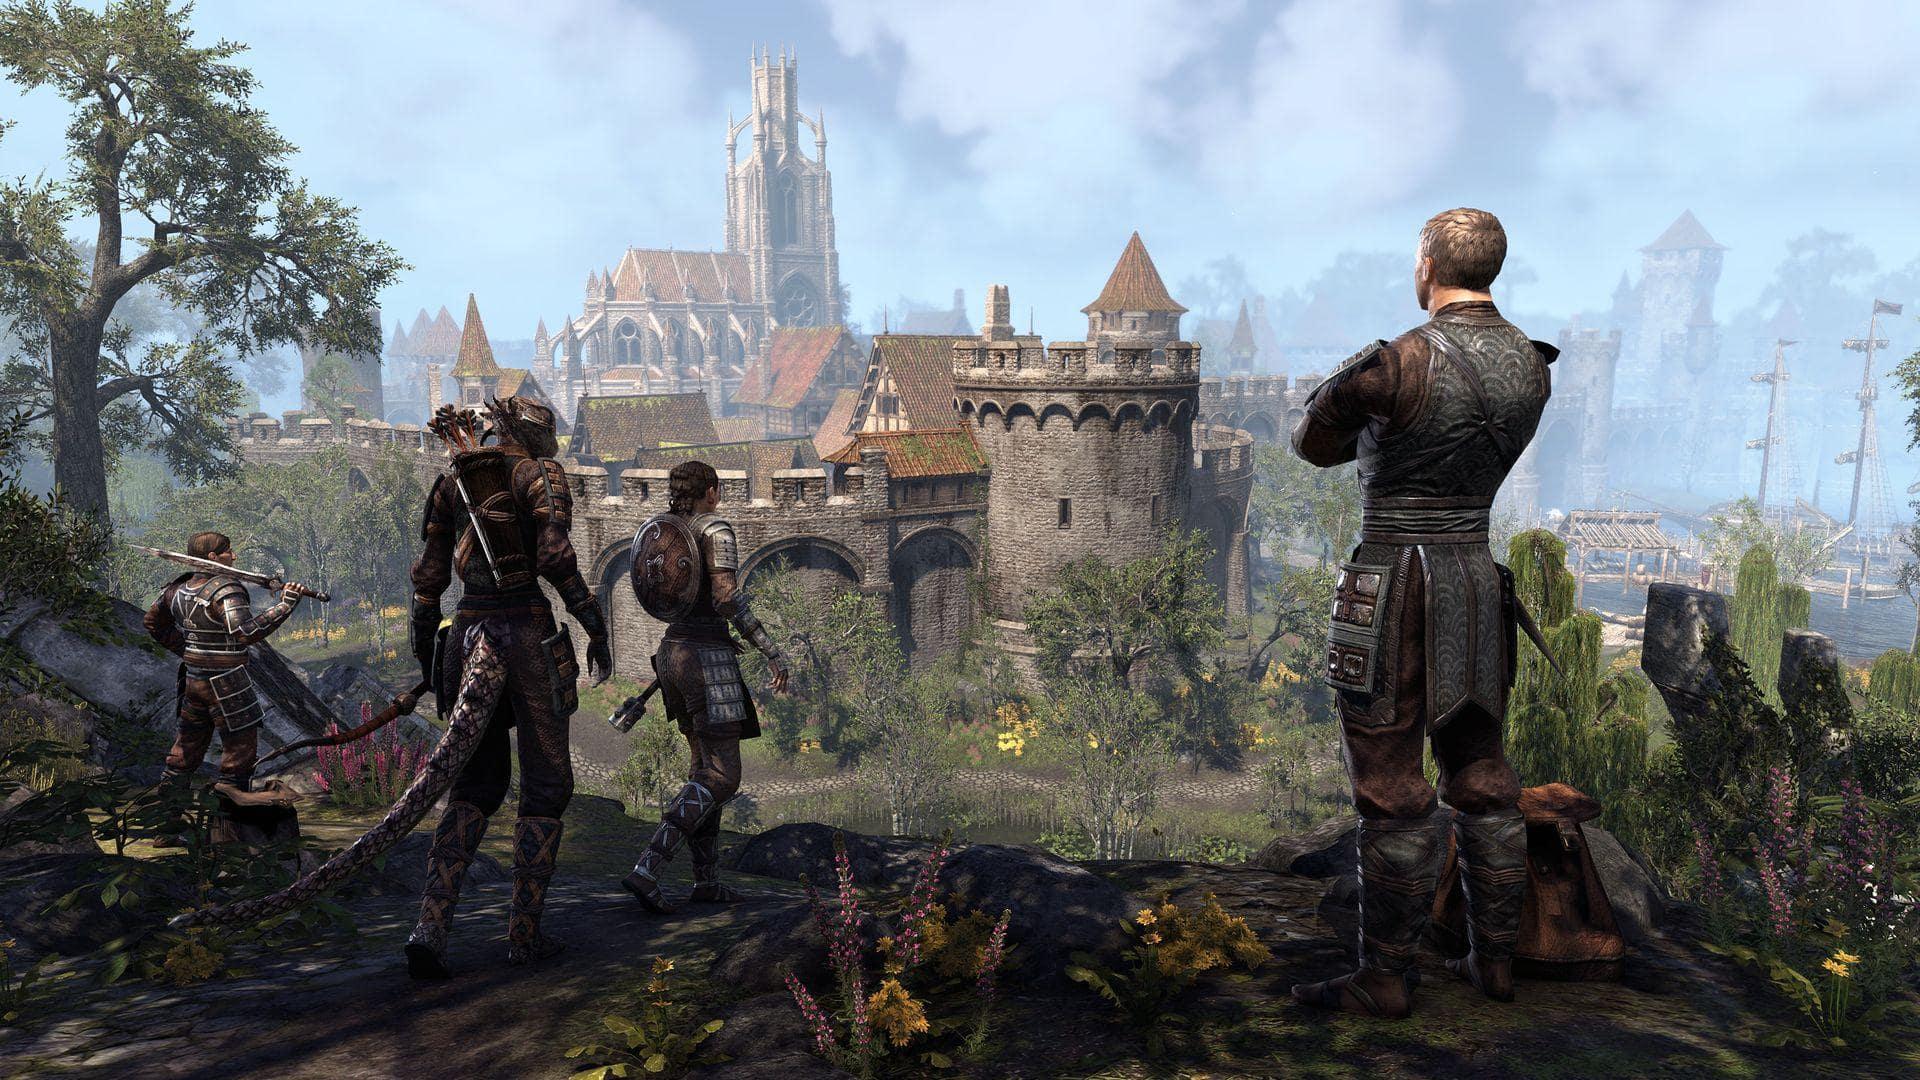 Интервью: Креативный директор The Elder Scrolls Online рассказал про планы на романтические отношения с NPC